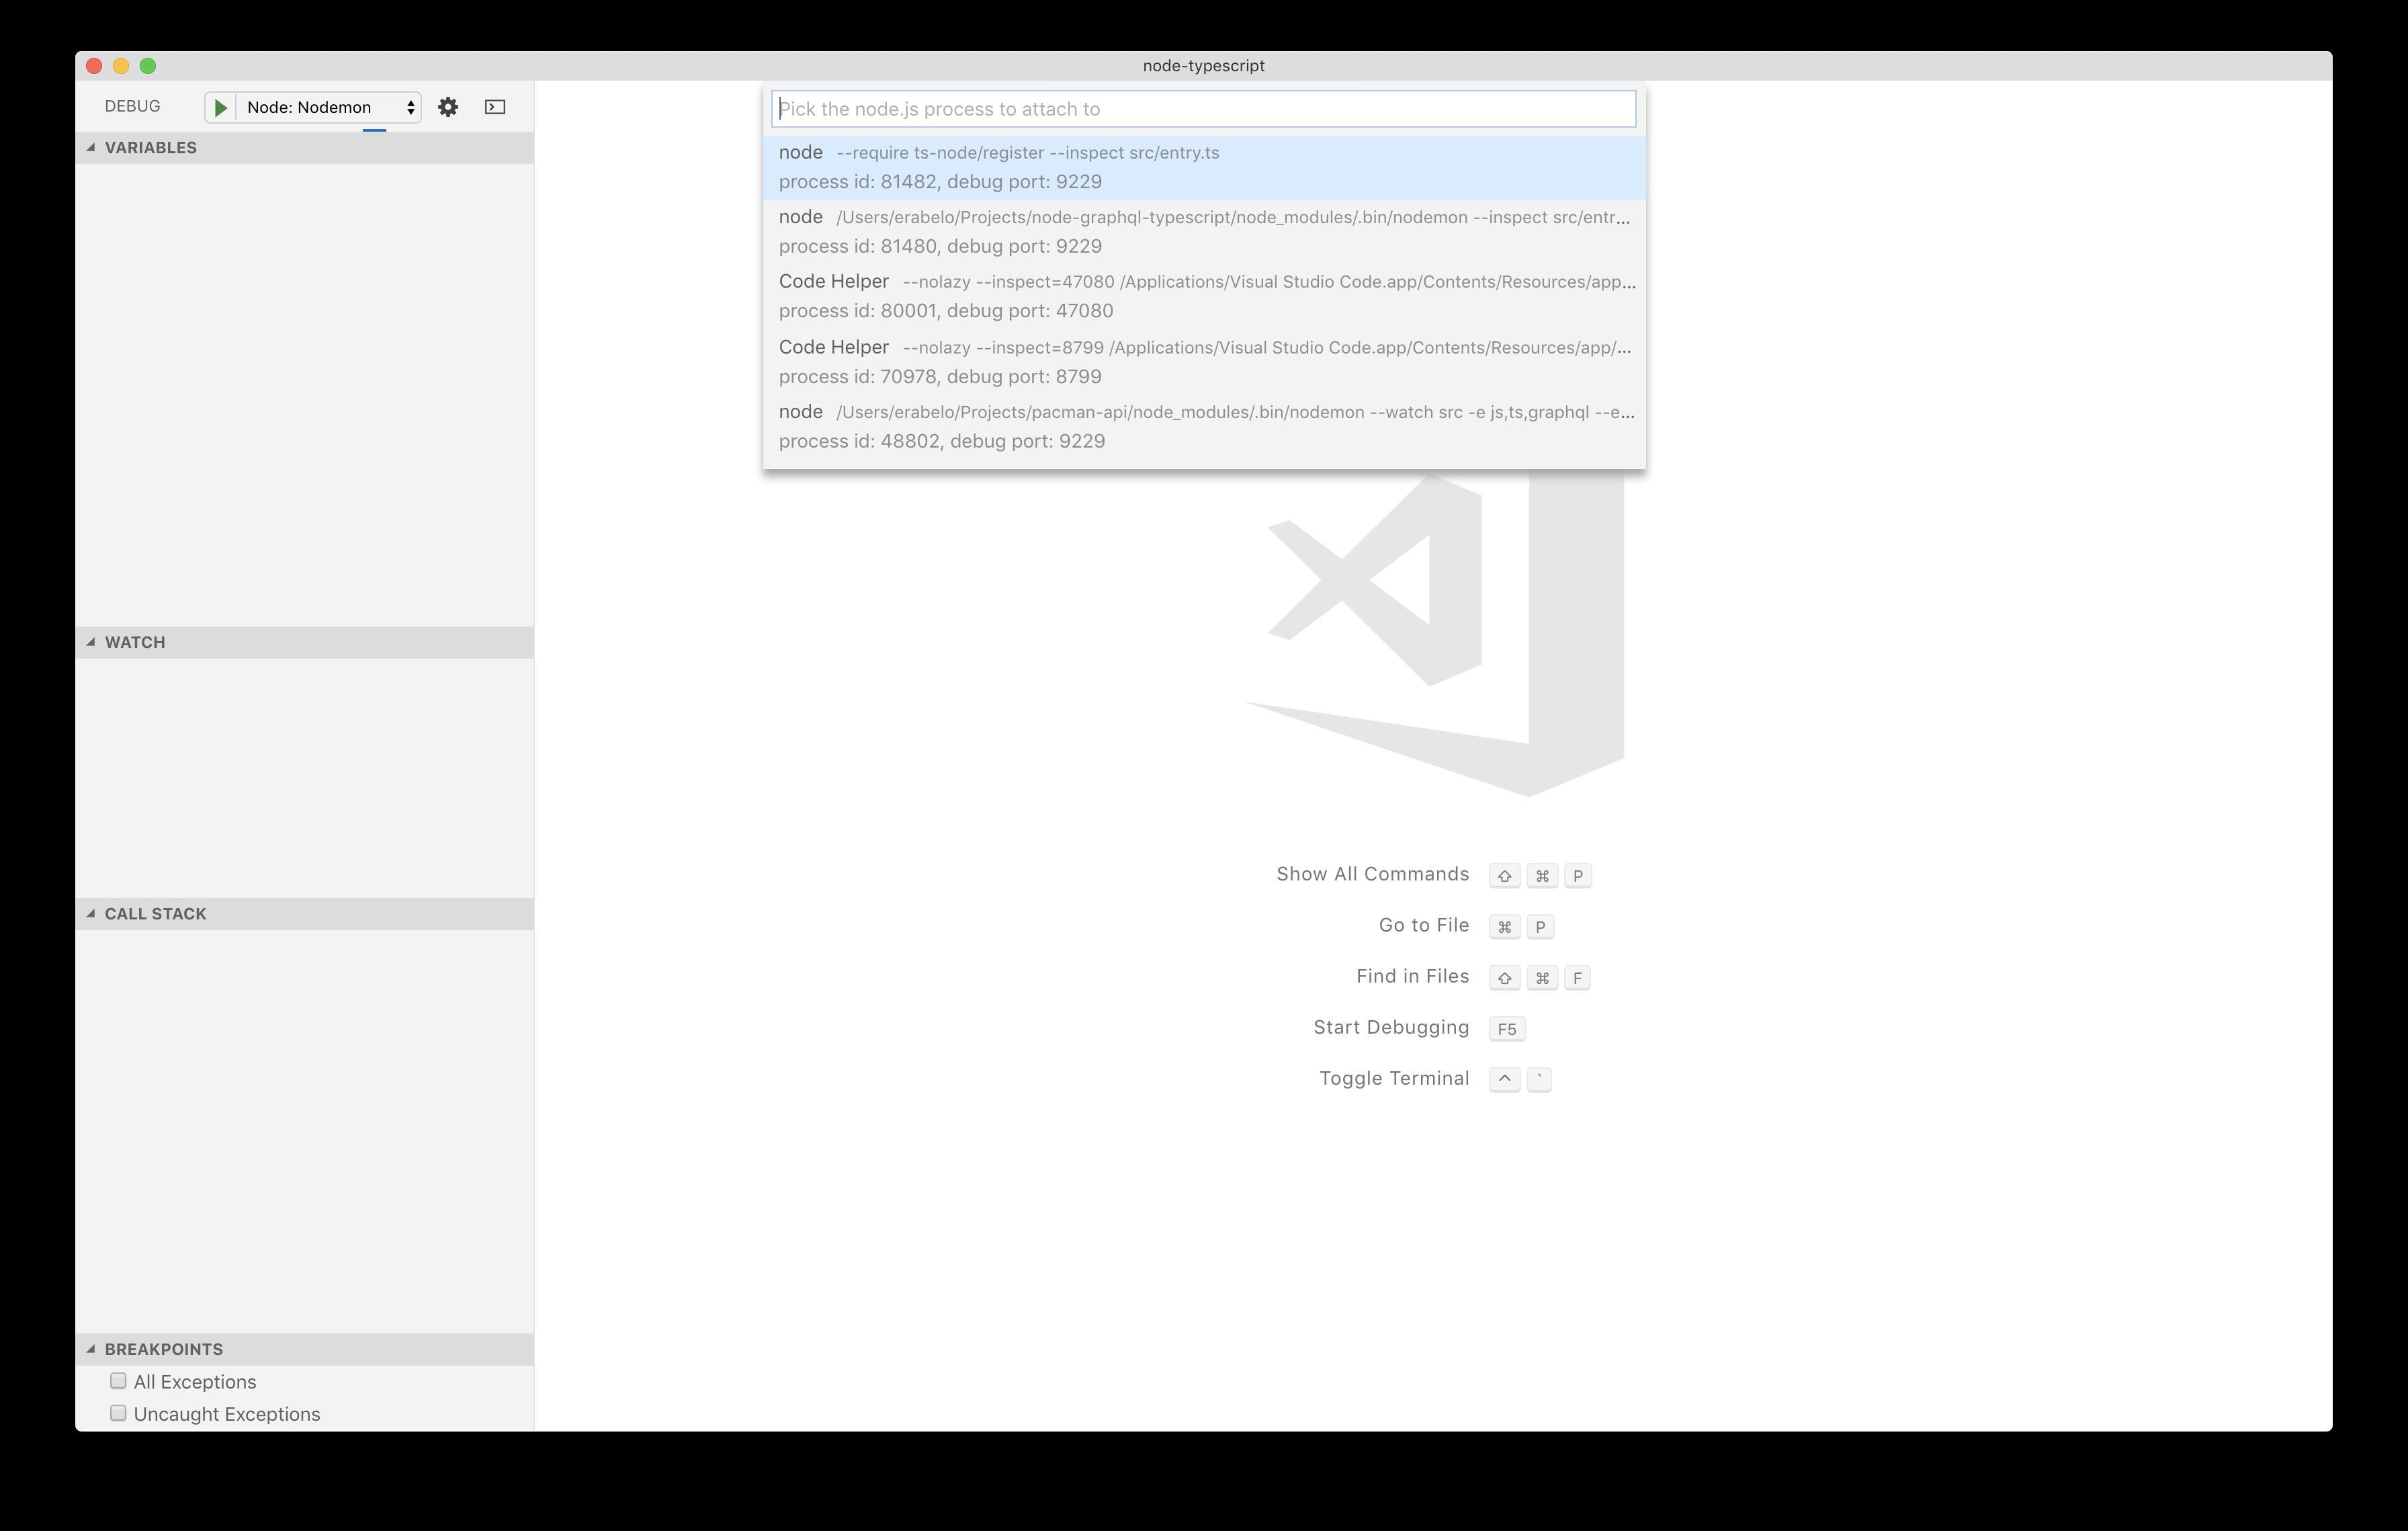 GitHub - oieduardorabelo/node-typescript: Template for bootstrap